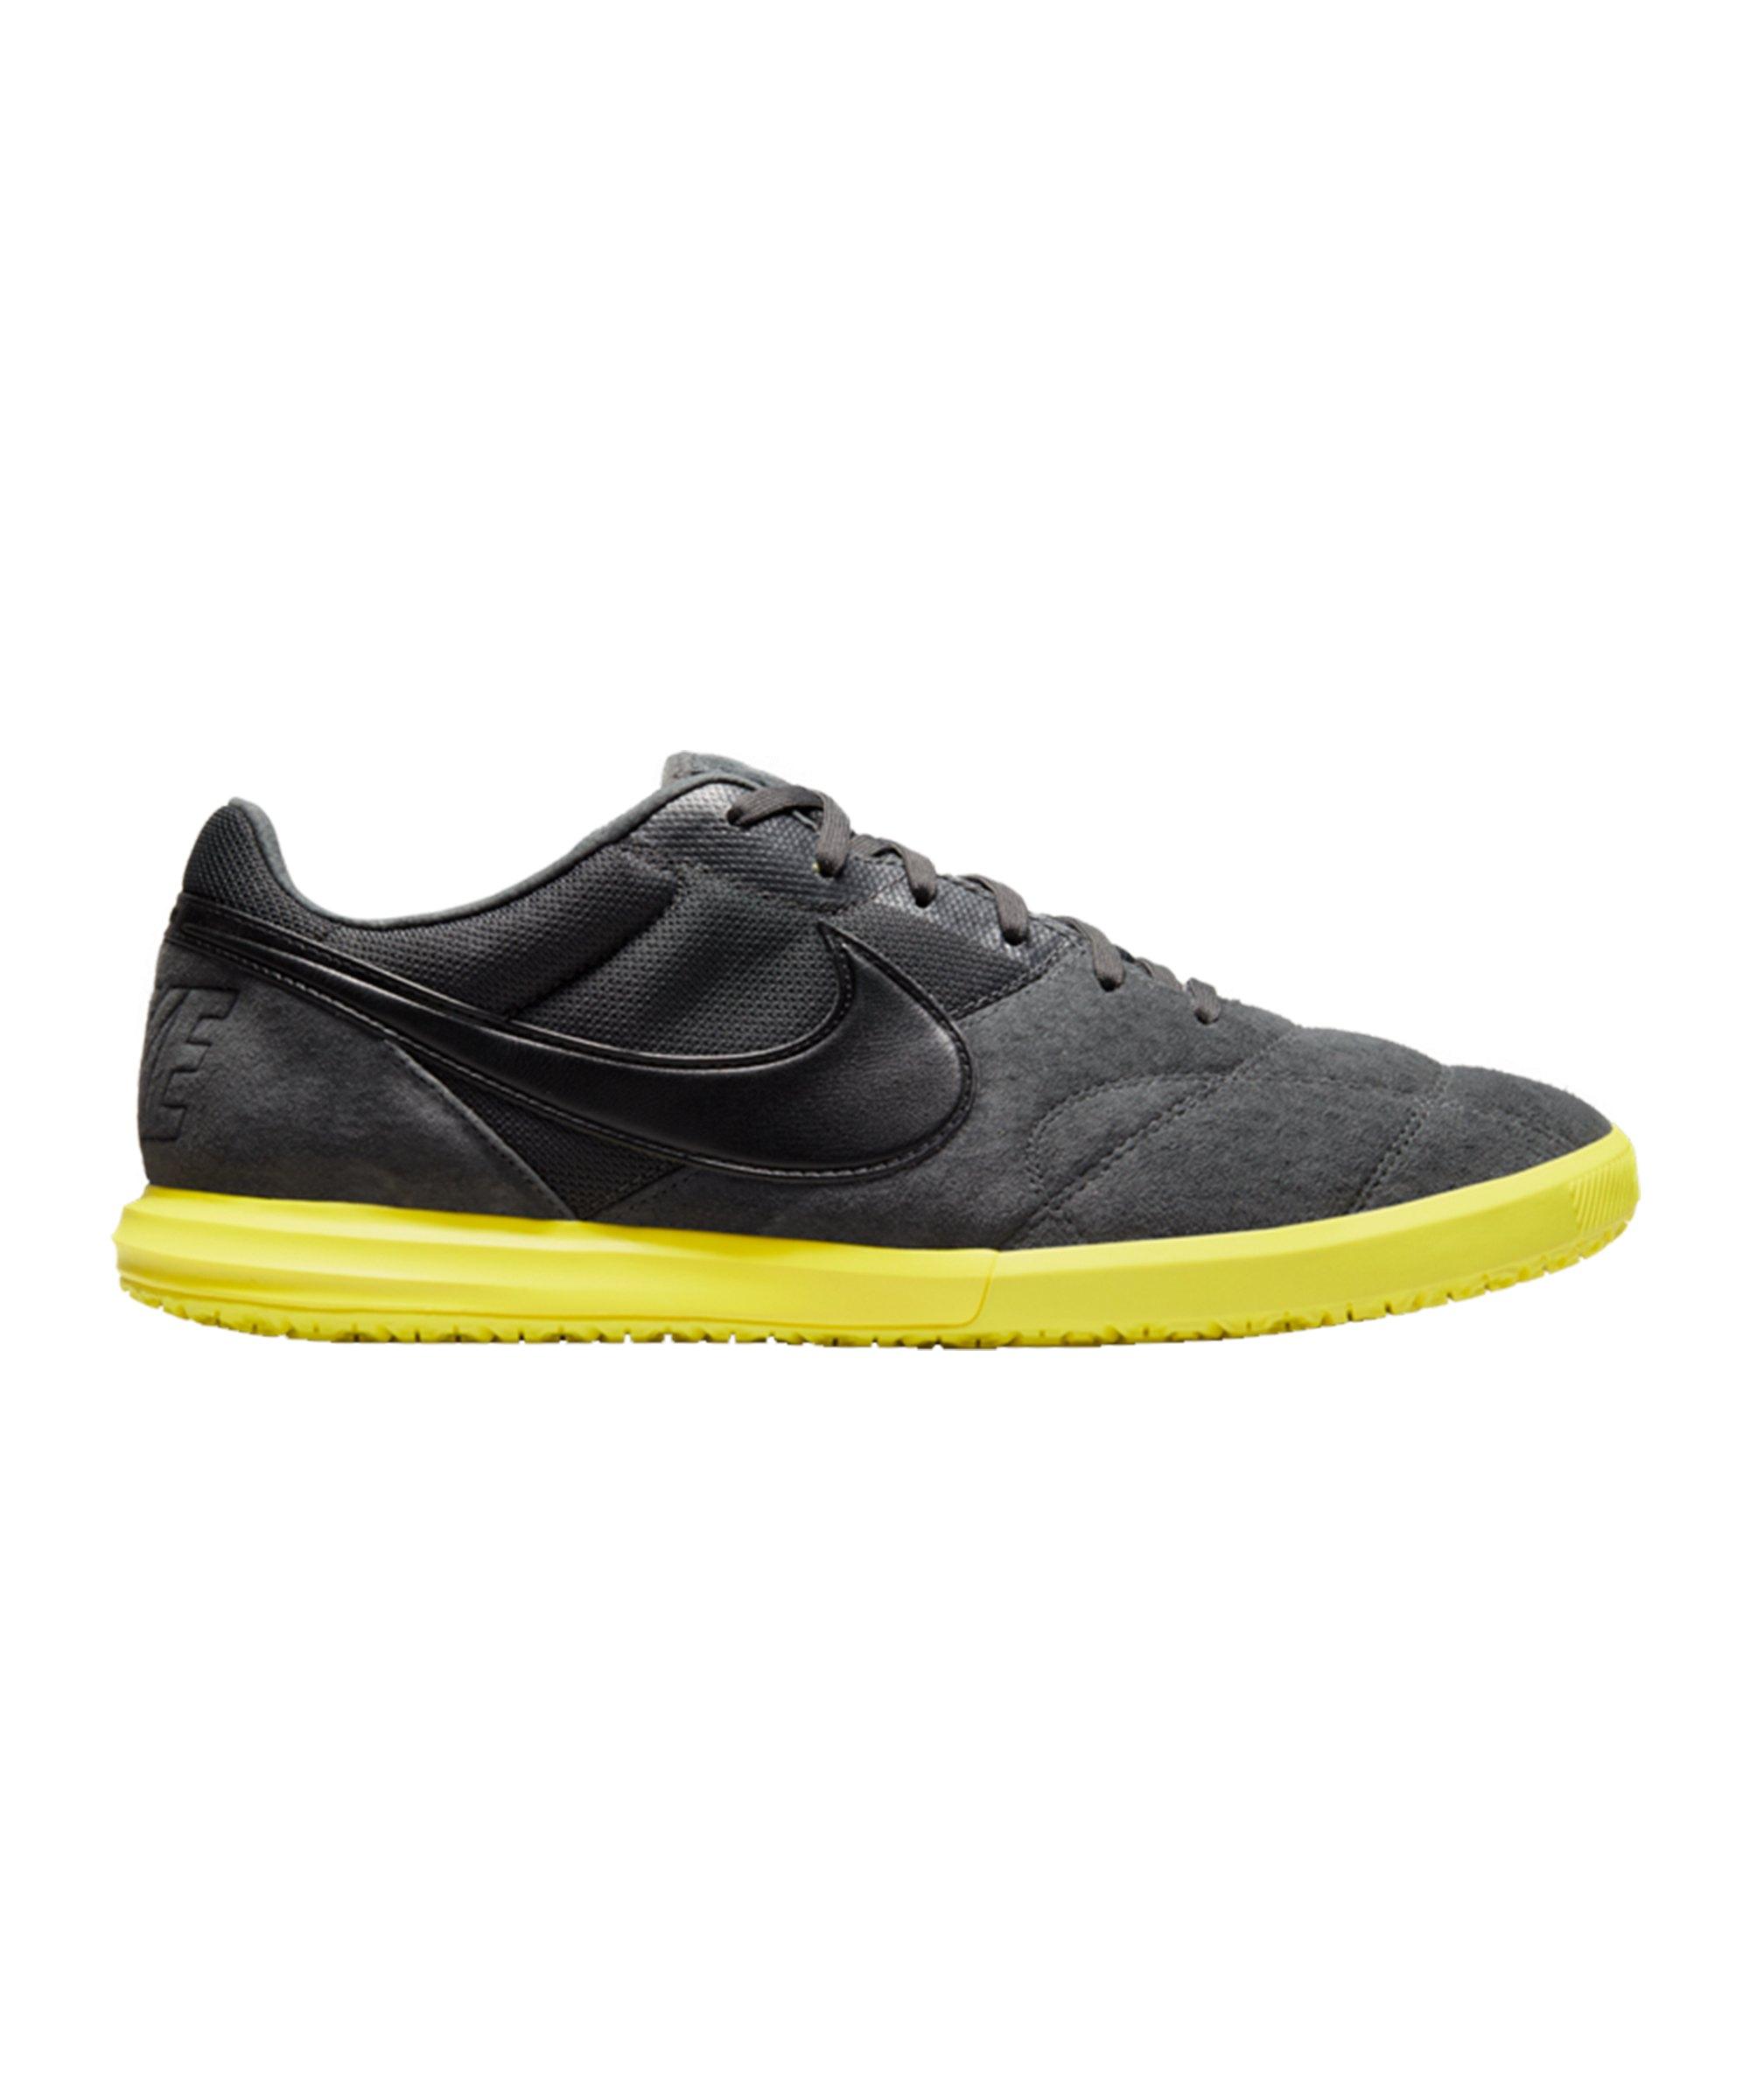 Nike Premier II Sala IC Grau Schwarz Gelb F007 - grau